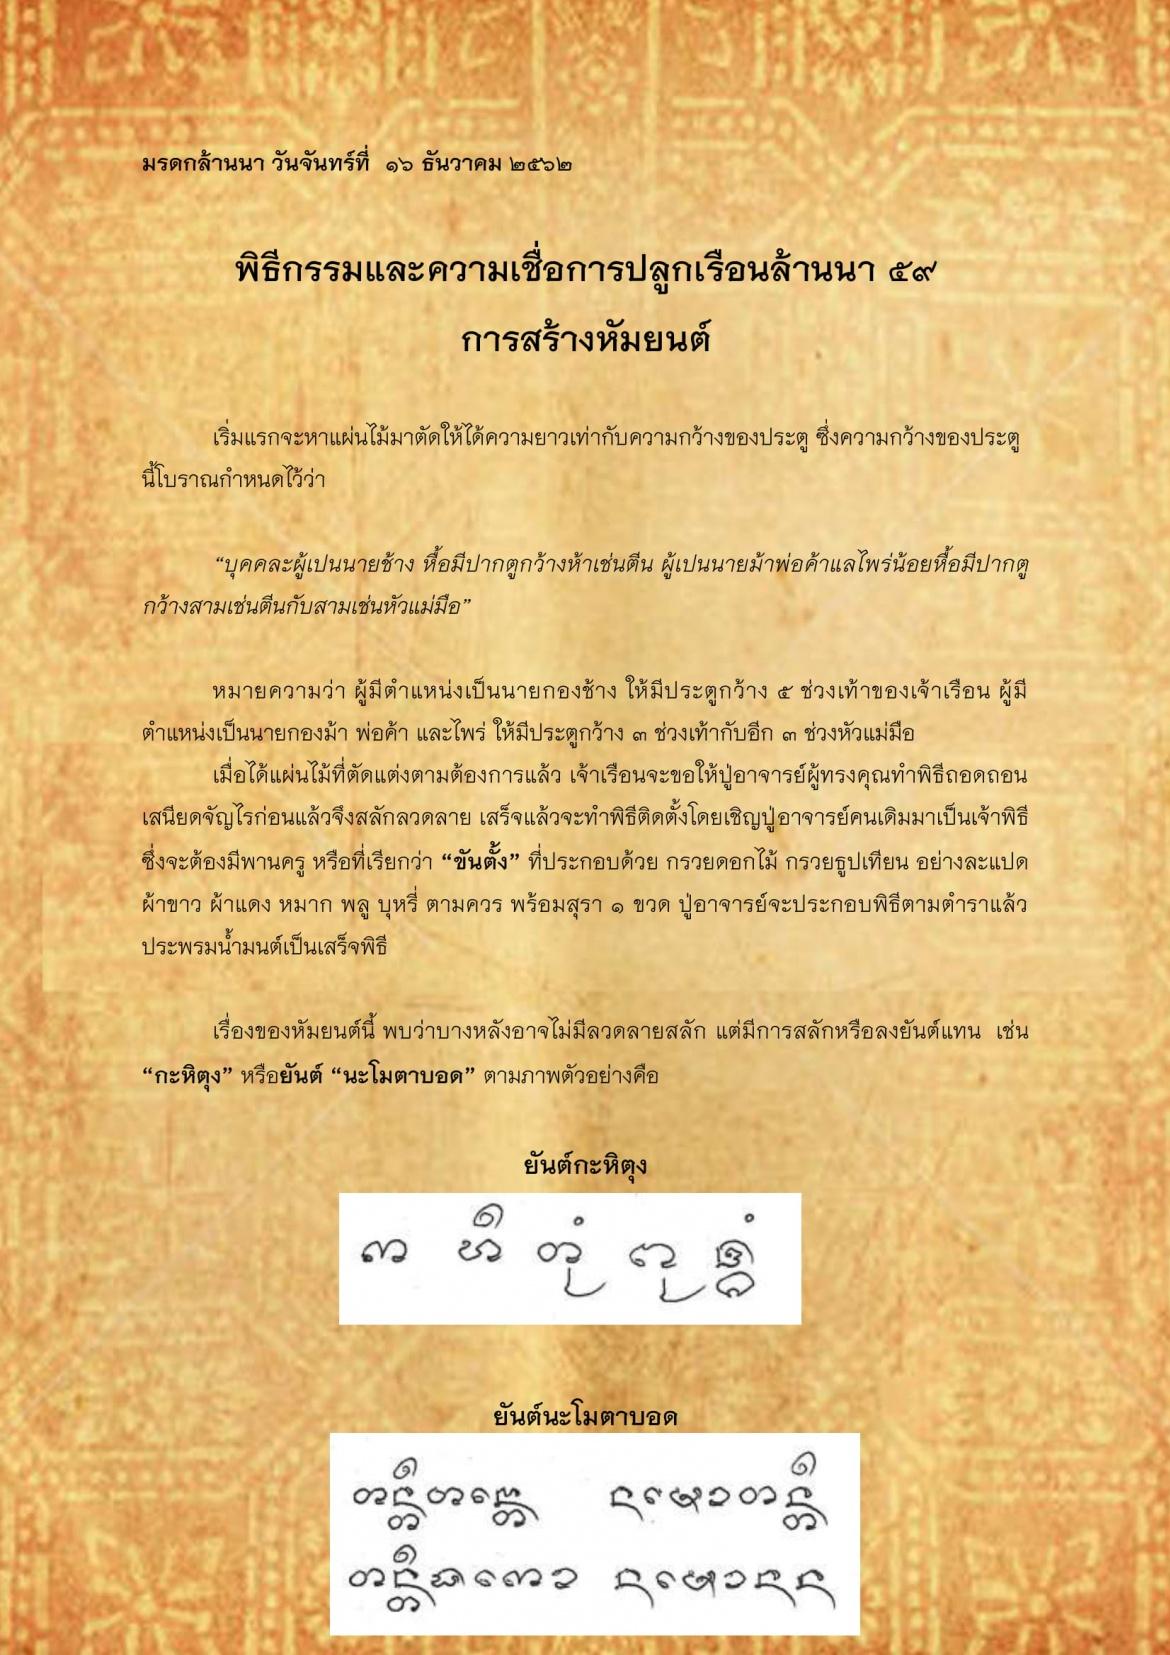 พิธีกรรมเเละความเชื่อการปลูกเรือนล้านนา(59) - 16 ธันวาคม 2562